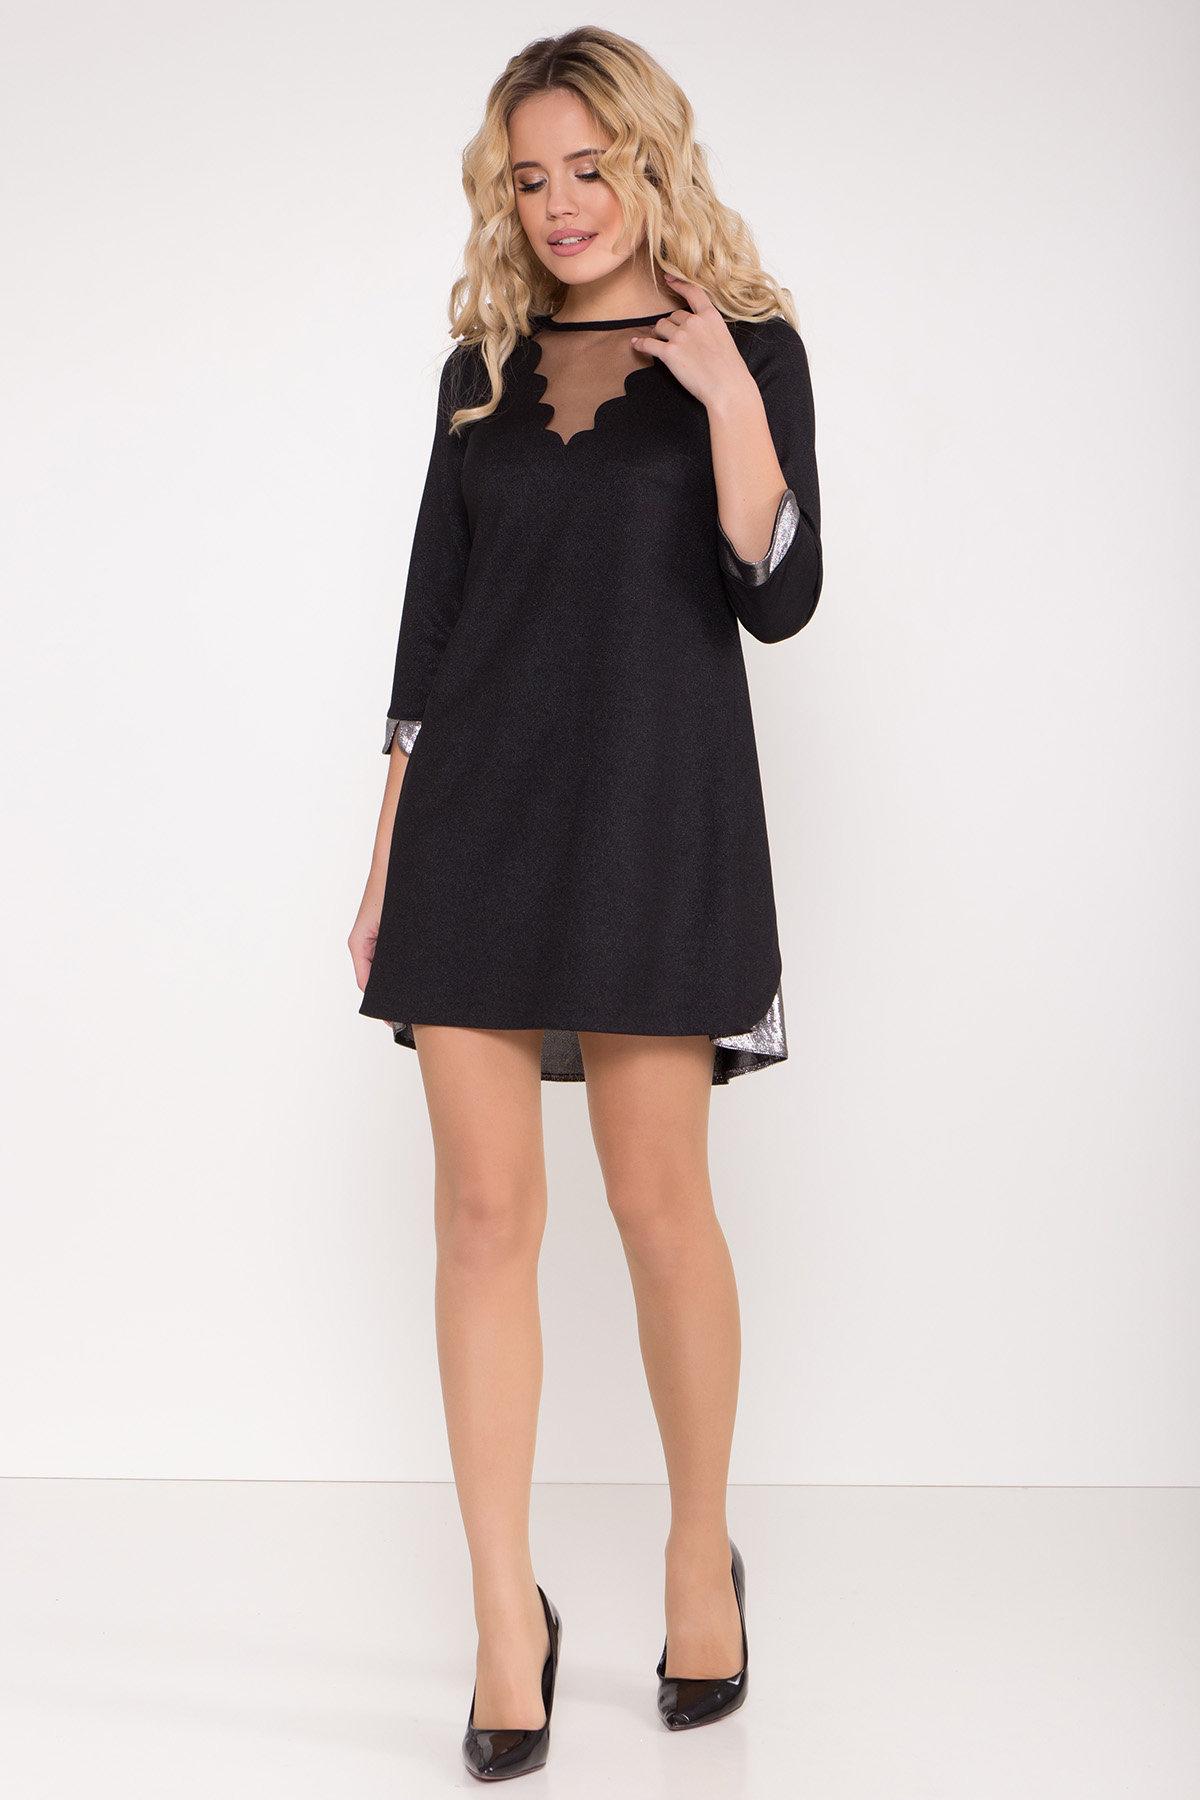 Платье трапеция с оригинальным кроем по спинке Анжелина 8661 АРТ. 44980 Цвет: Черный/серебро - фото 2, интернет магазин tm-modus.ru